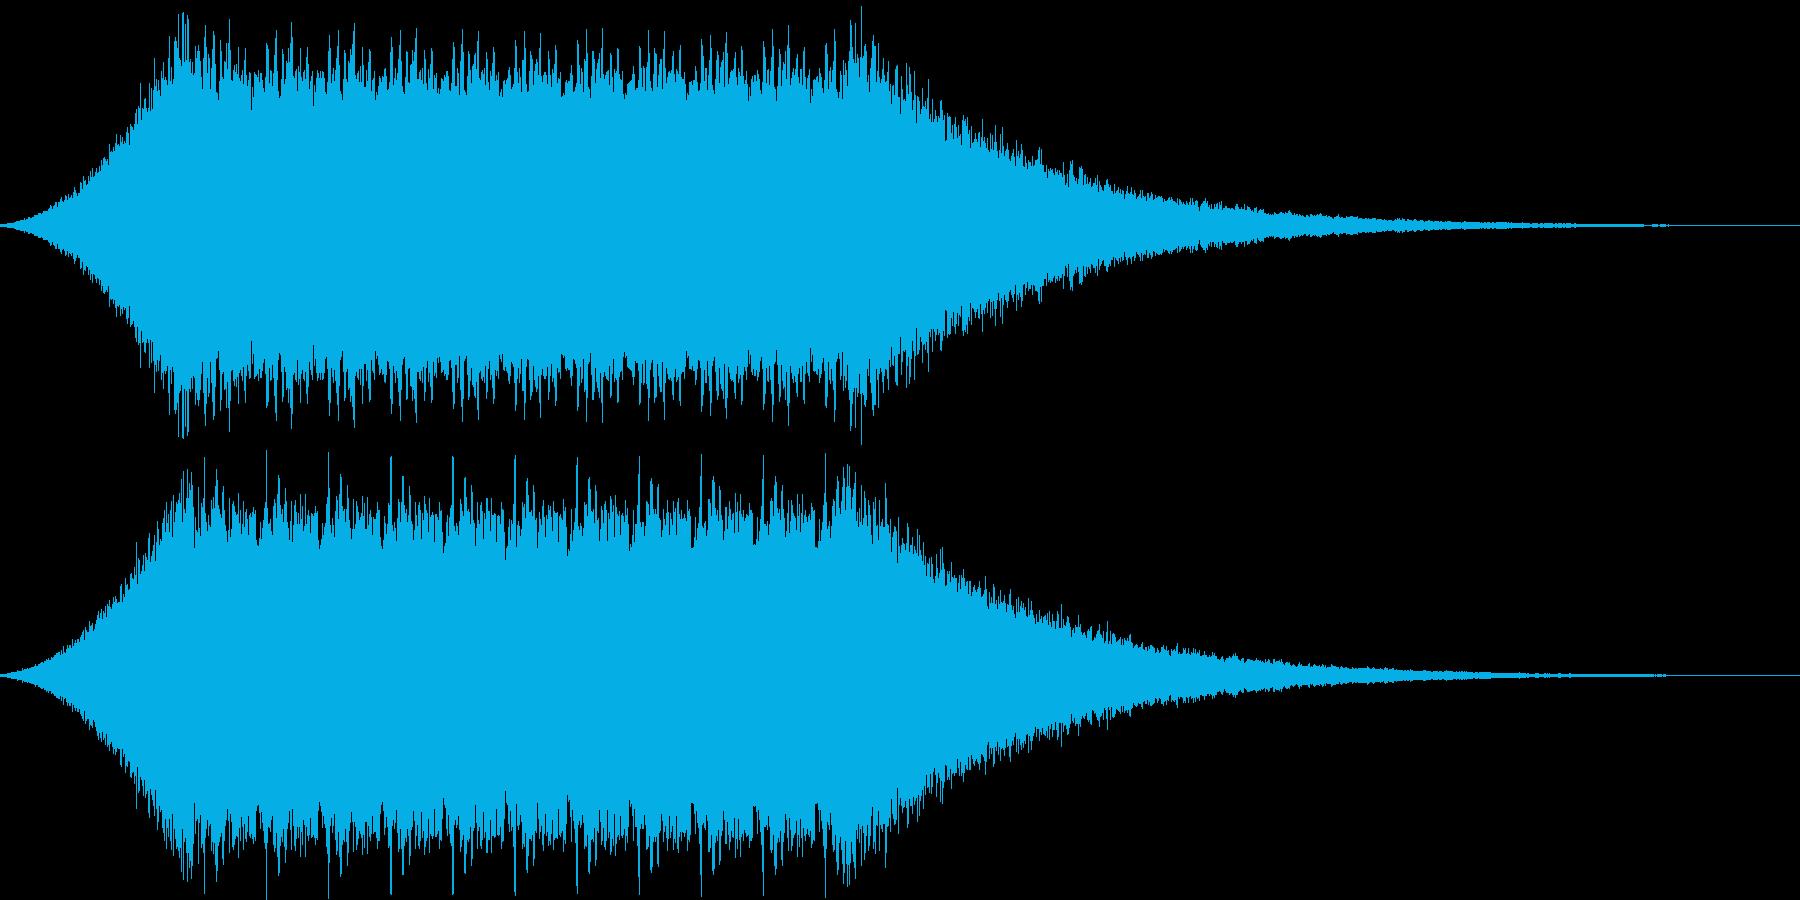 お昼のサイレン タイプBの再生済みの波形